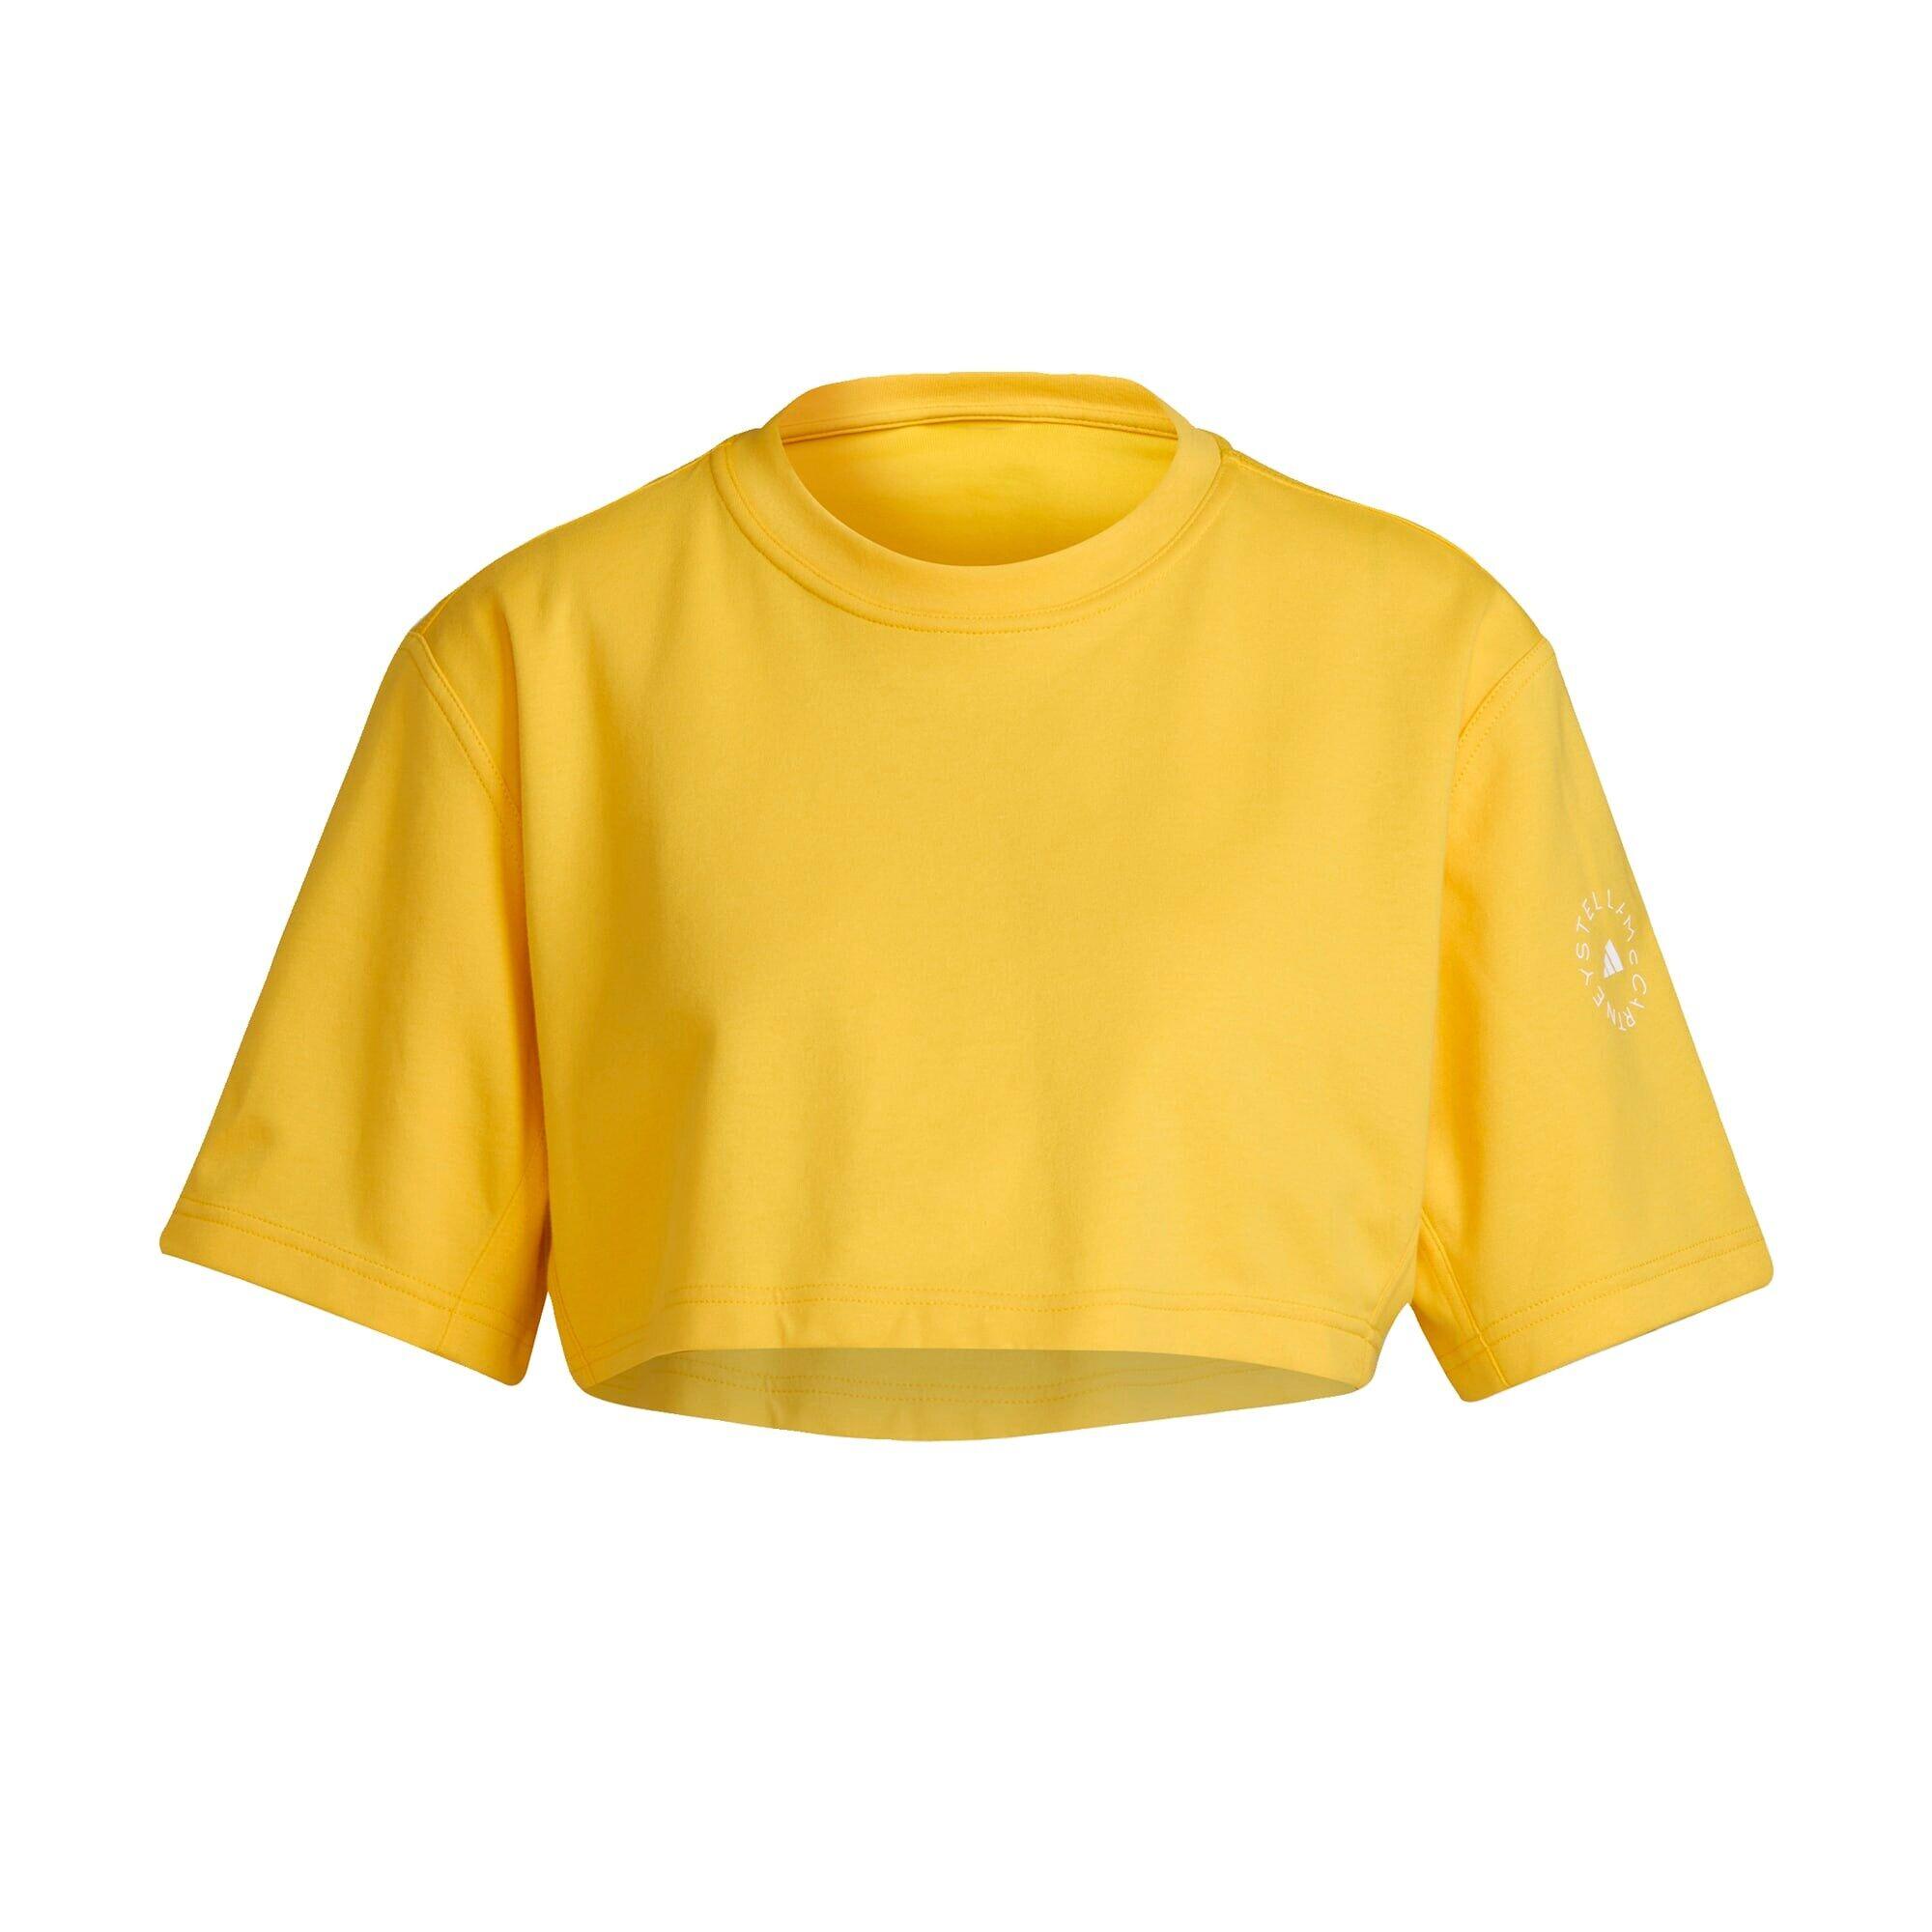 adidas by stella mccartney maglia funzionale giallo